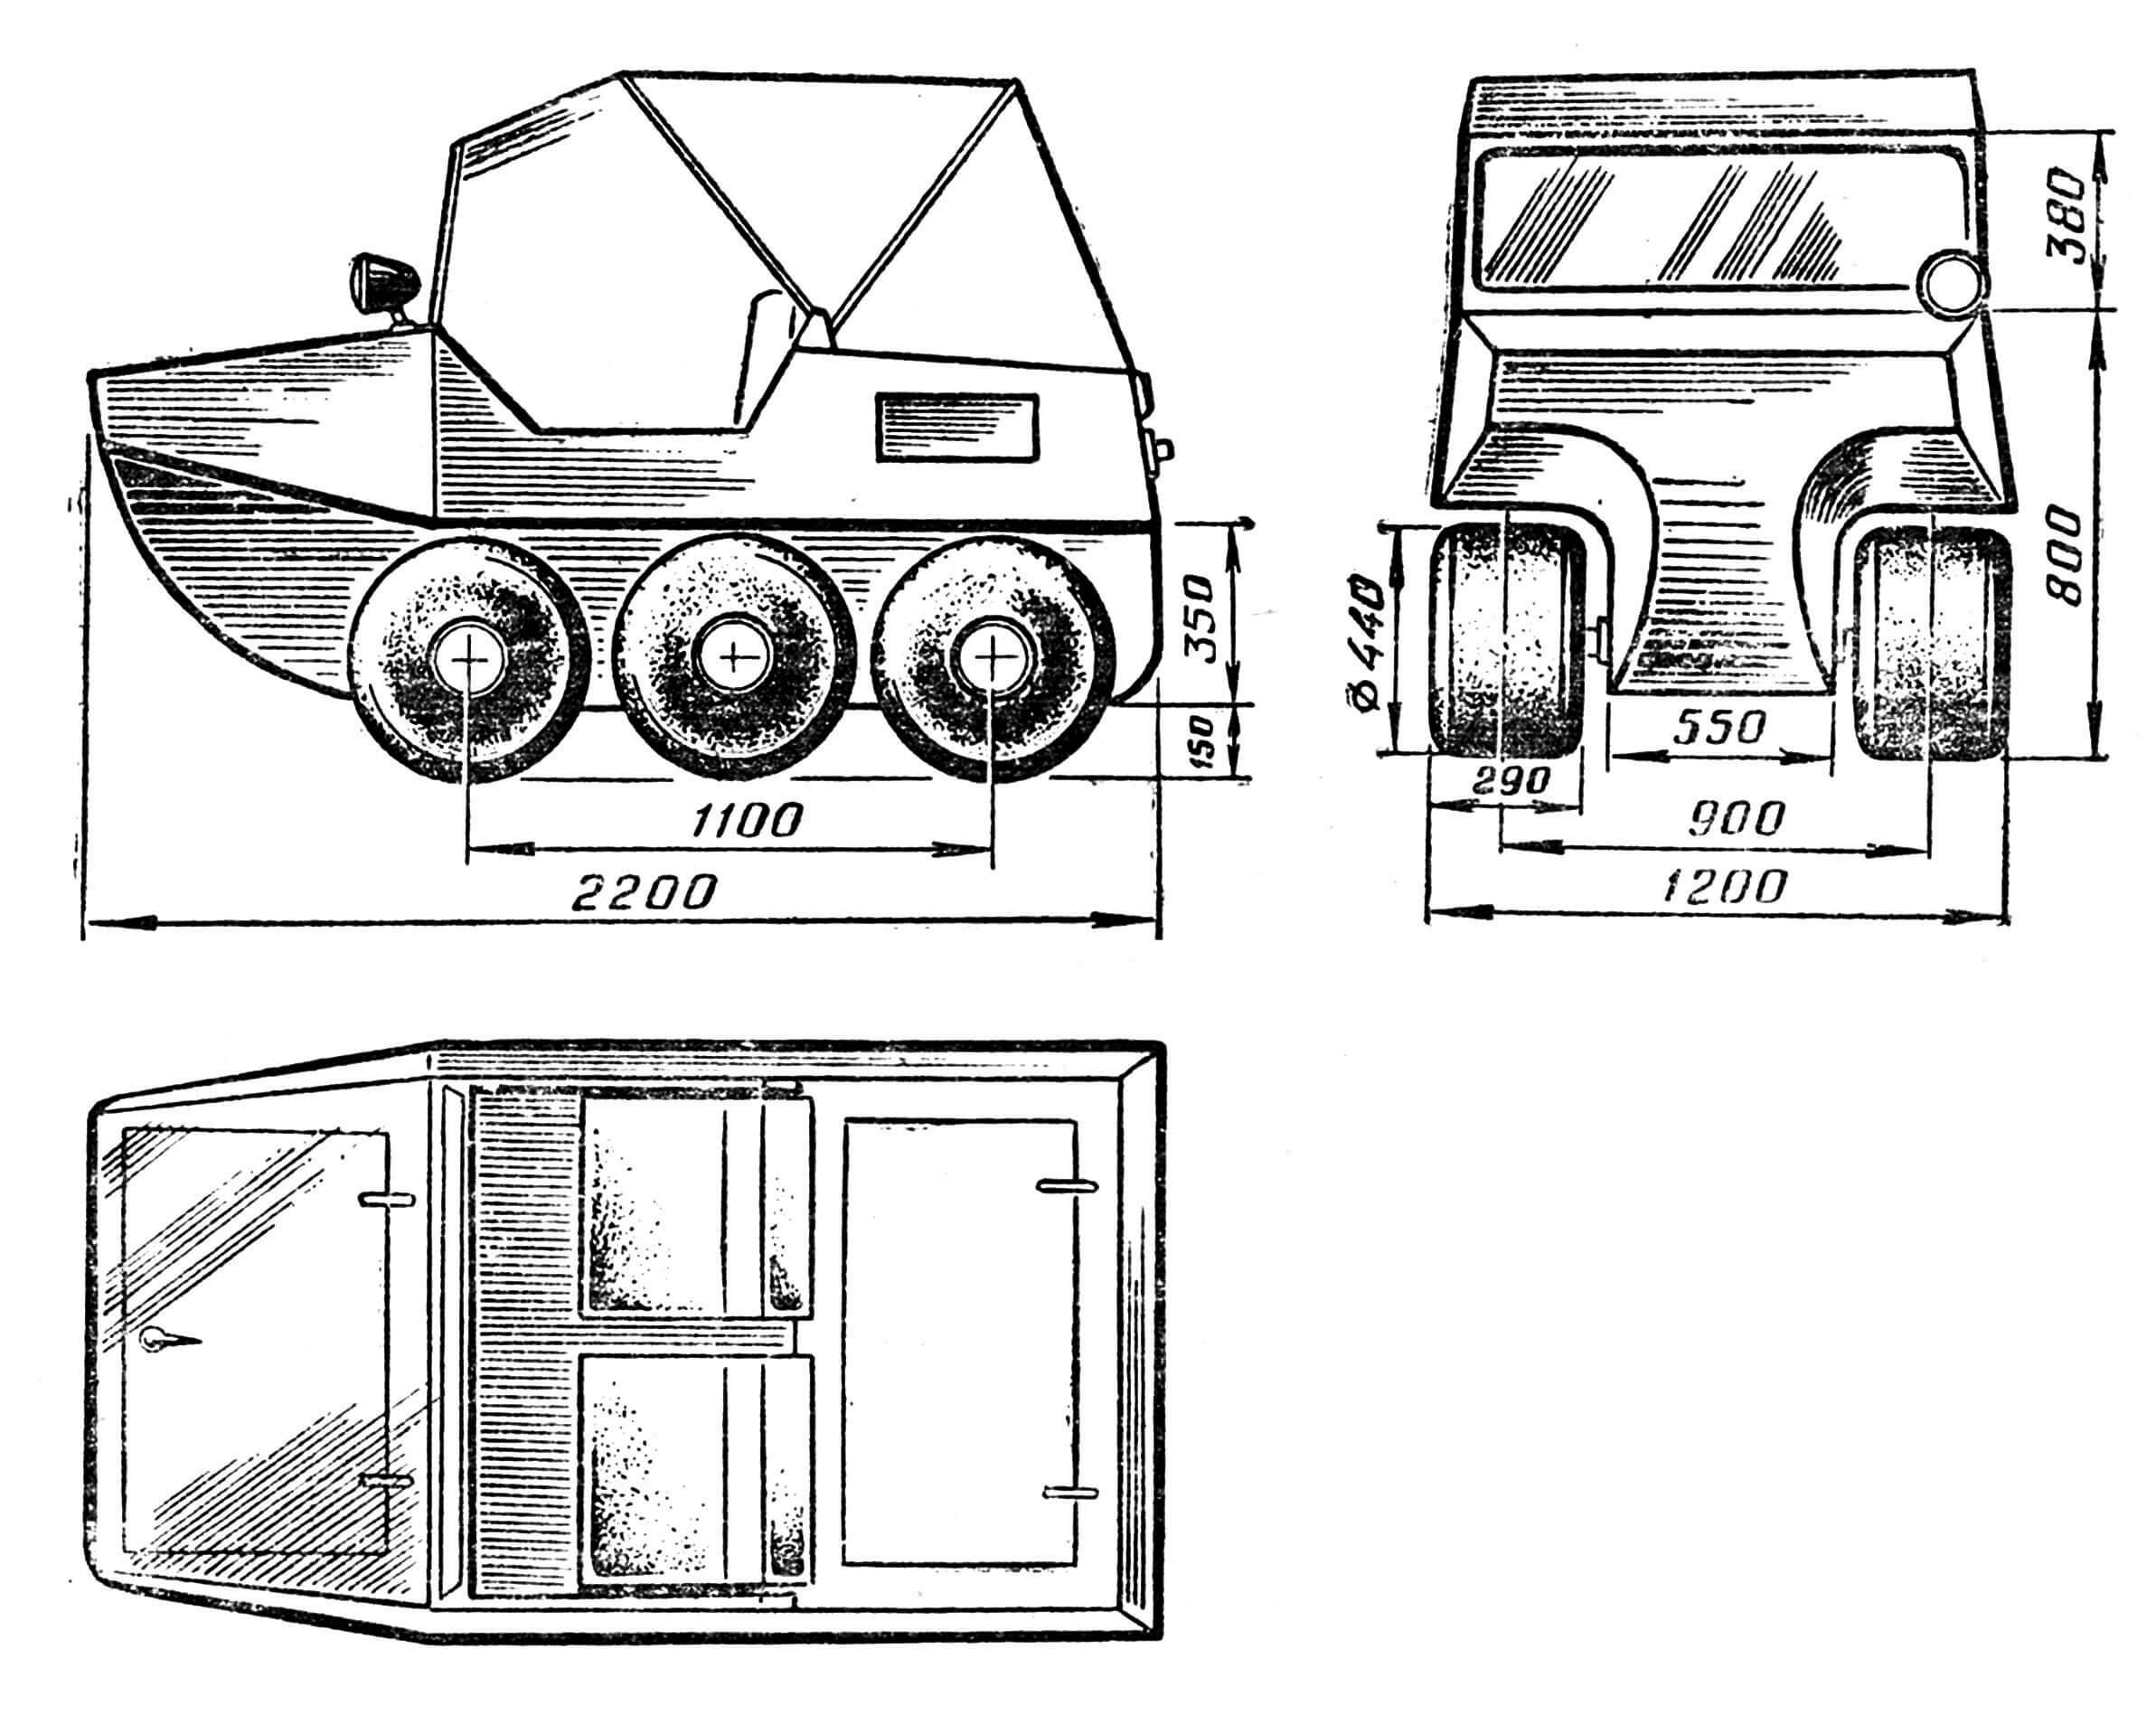 Рис. 1. Амфикар Н. Корчагина. Схема в трех проекциях.